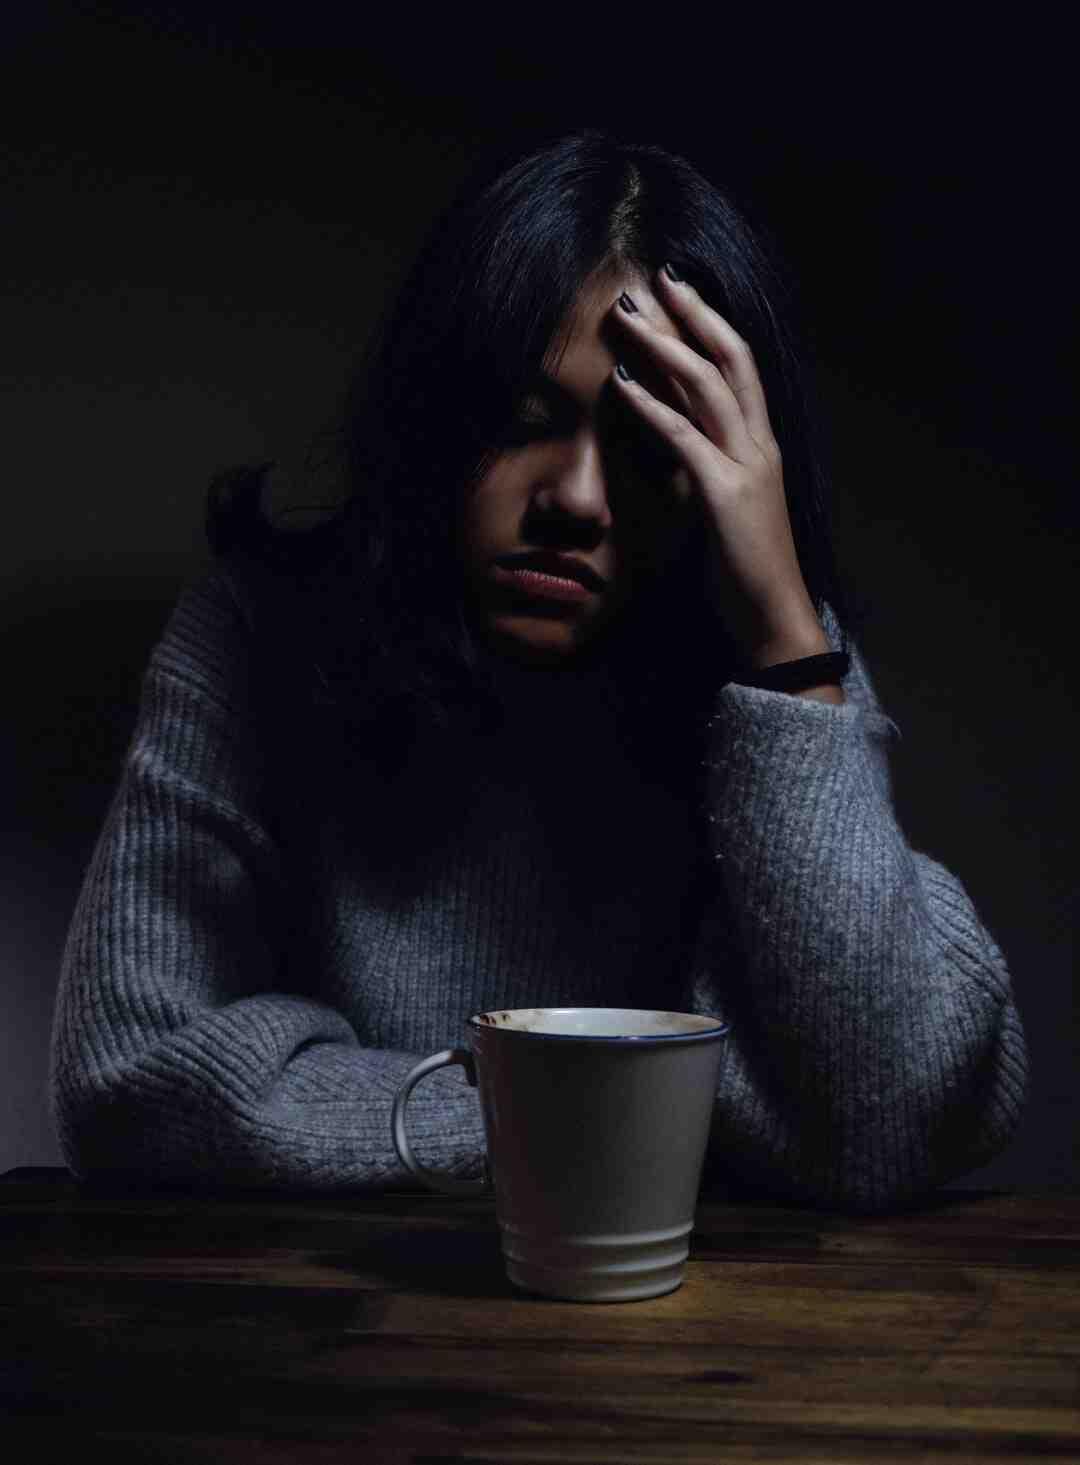 Comment faire pour sortir de la dépression ?